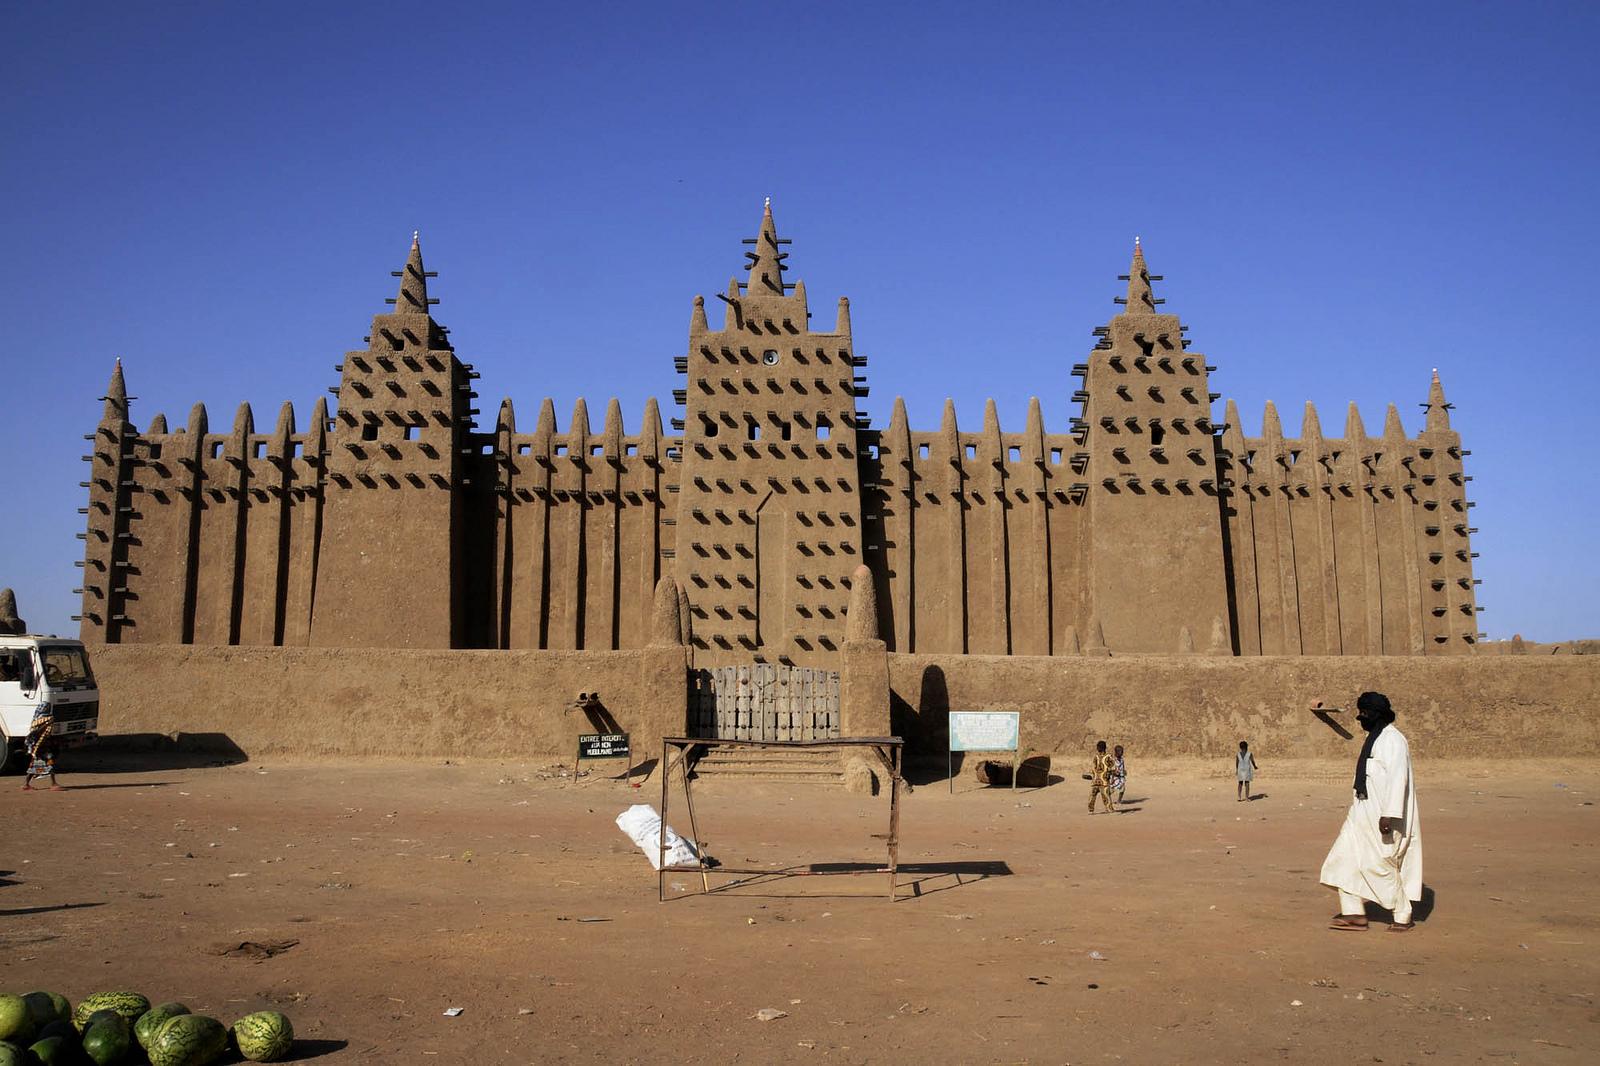 ภาพจาก Flickr - UN Mission in Mali